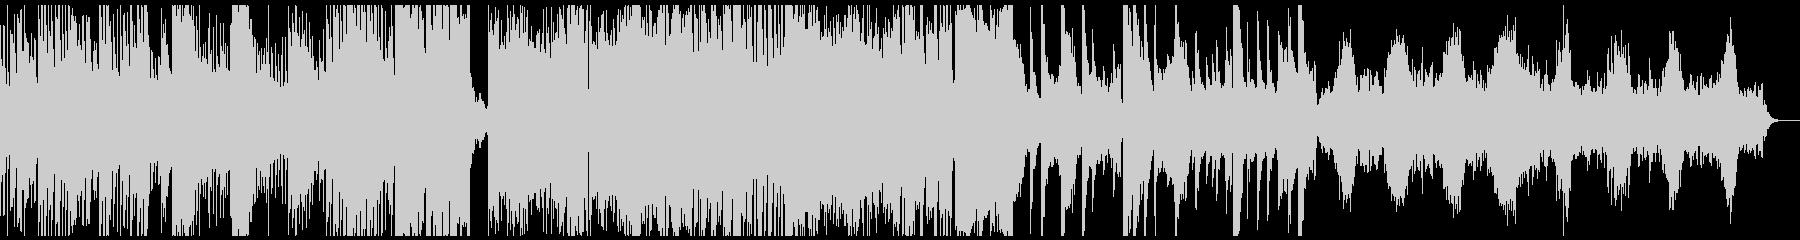 ムソルグスキー 組曲「展覧会の絵」 7の未再生の波形